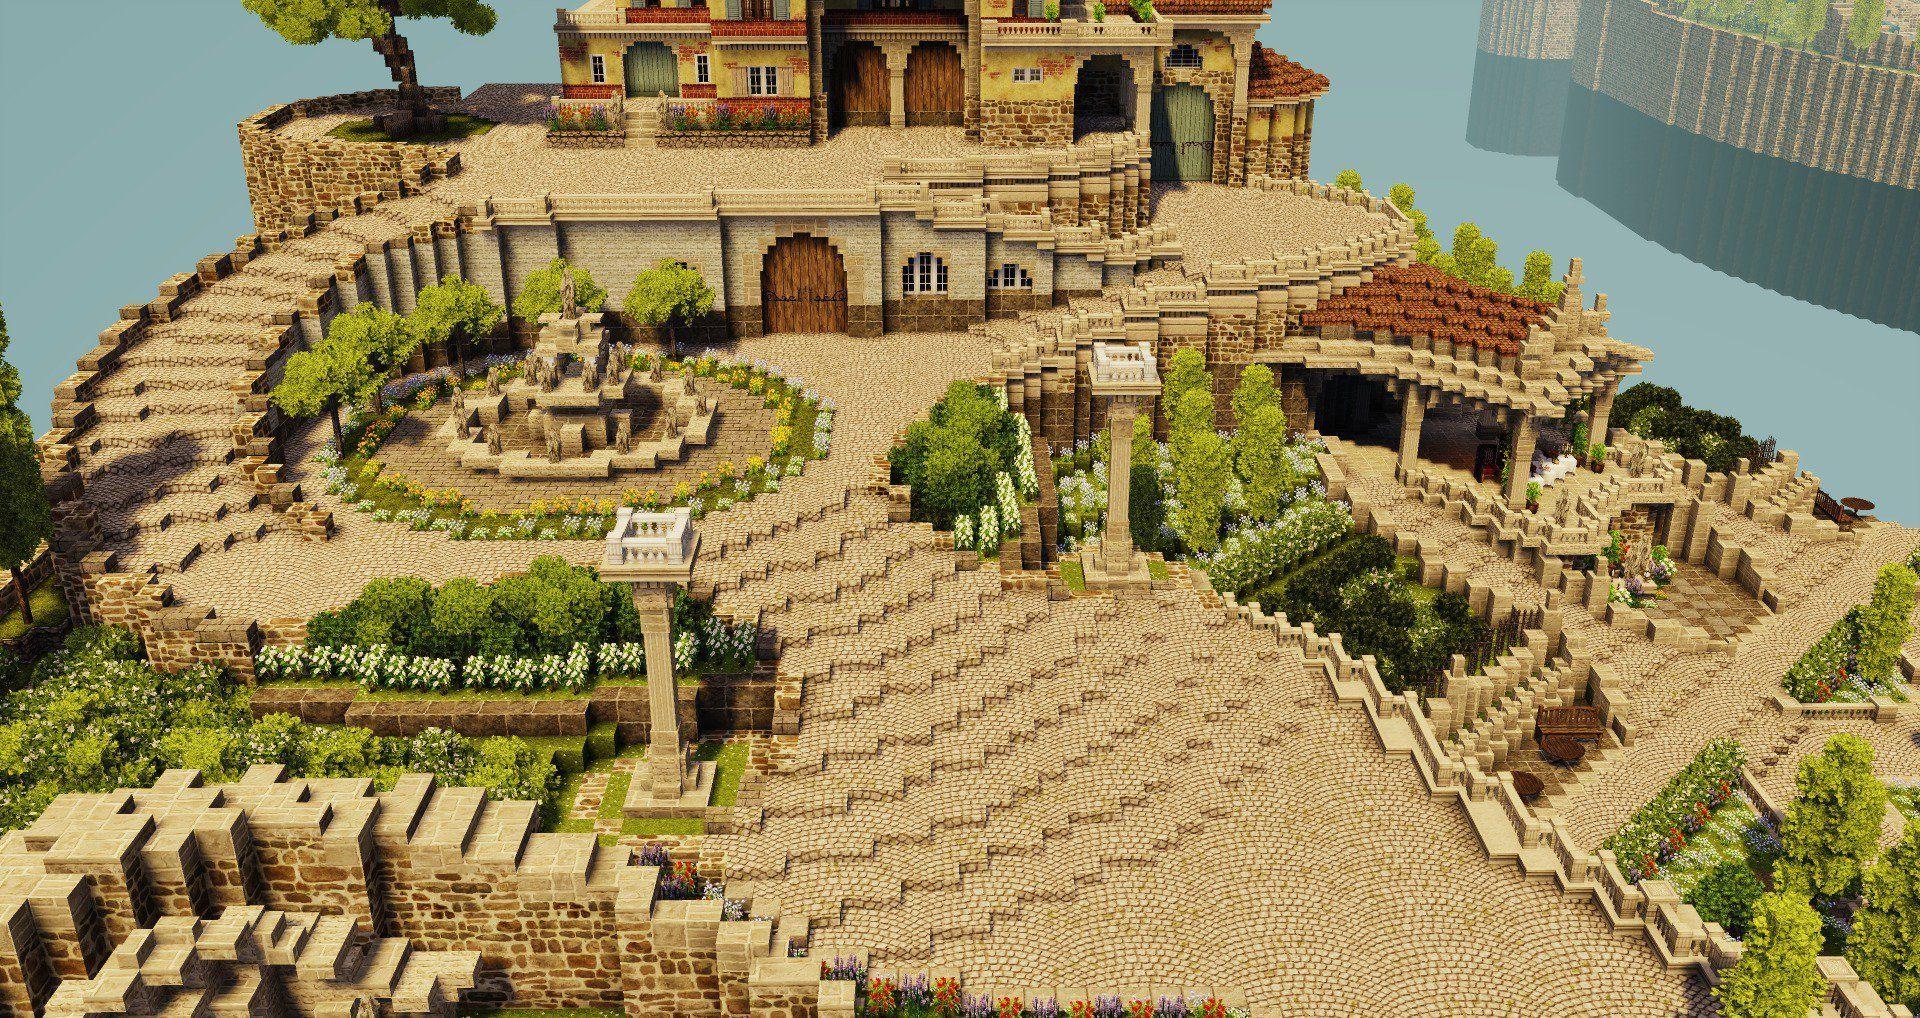 Dtzqnexvoae7cbe Jpg Stora 1 920 1 018 Pixlar In 2020 Minecraft City Minecraft Houses Minecraft Construction